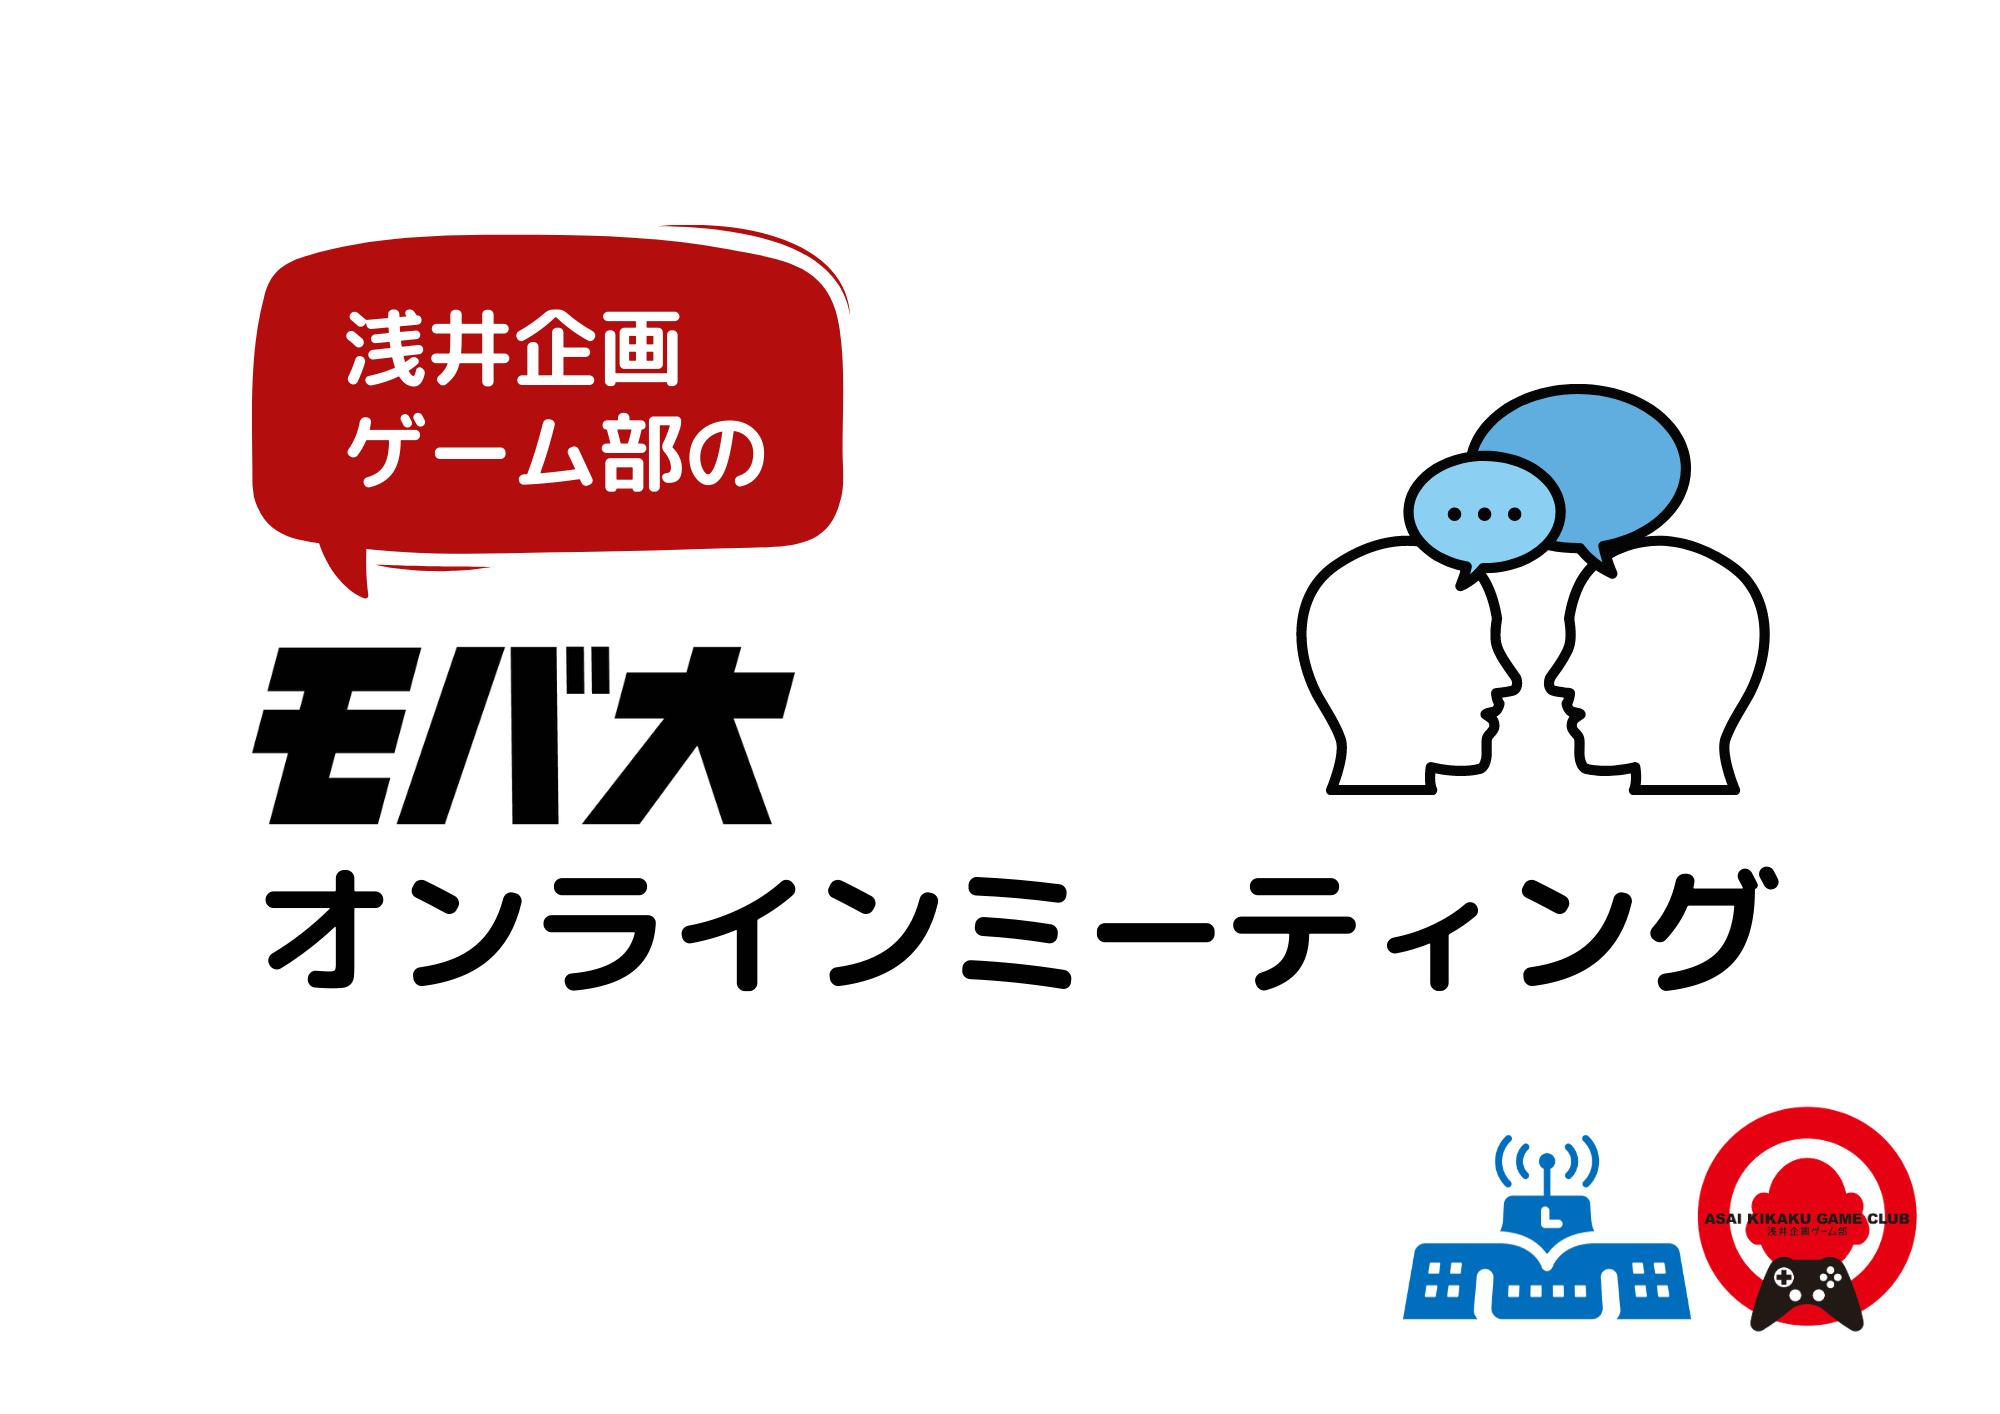 浅井企画ゲーム部のモバ大オンラインミーティング